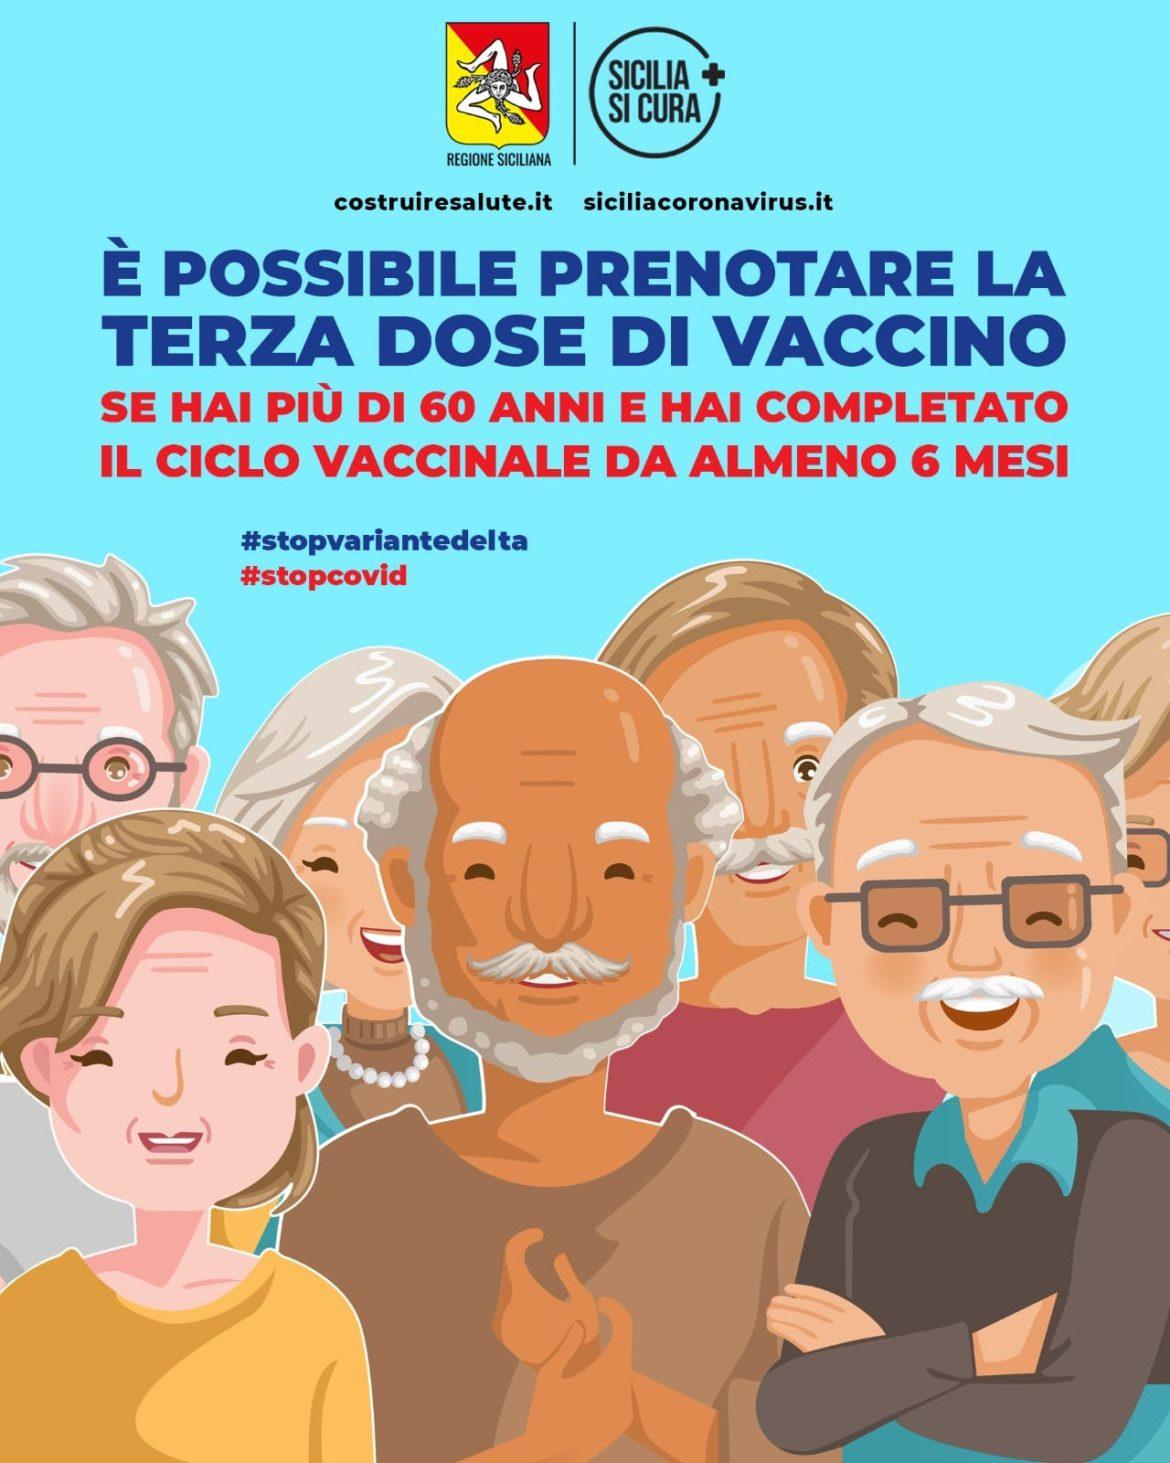 Vaccini: terze dosi, al via la prenotazione per gli over 60